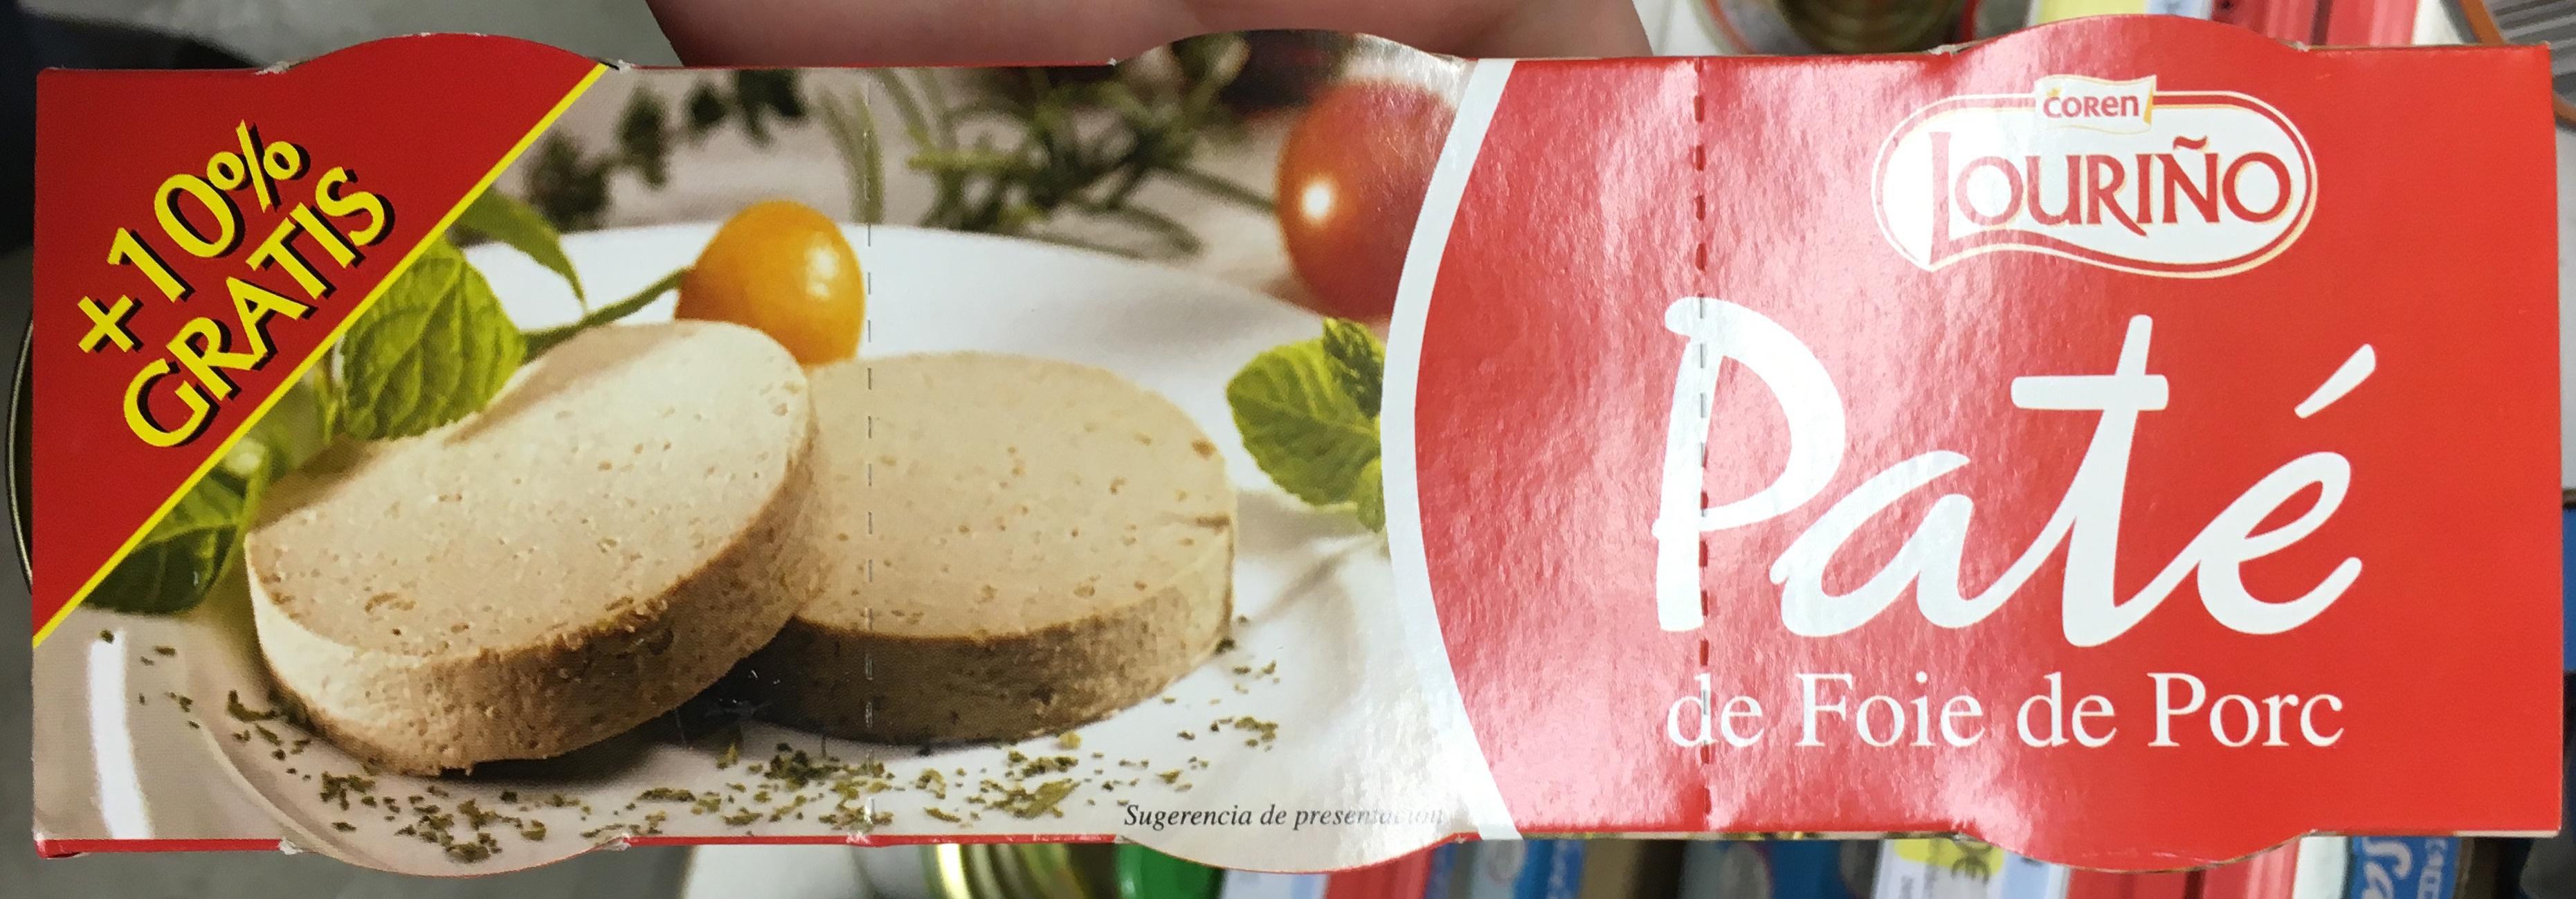 Paté Coren - Produit - fr